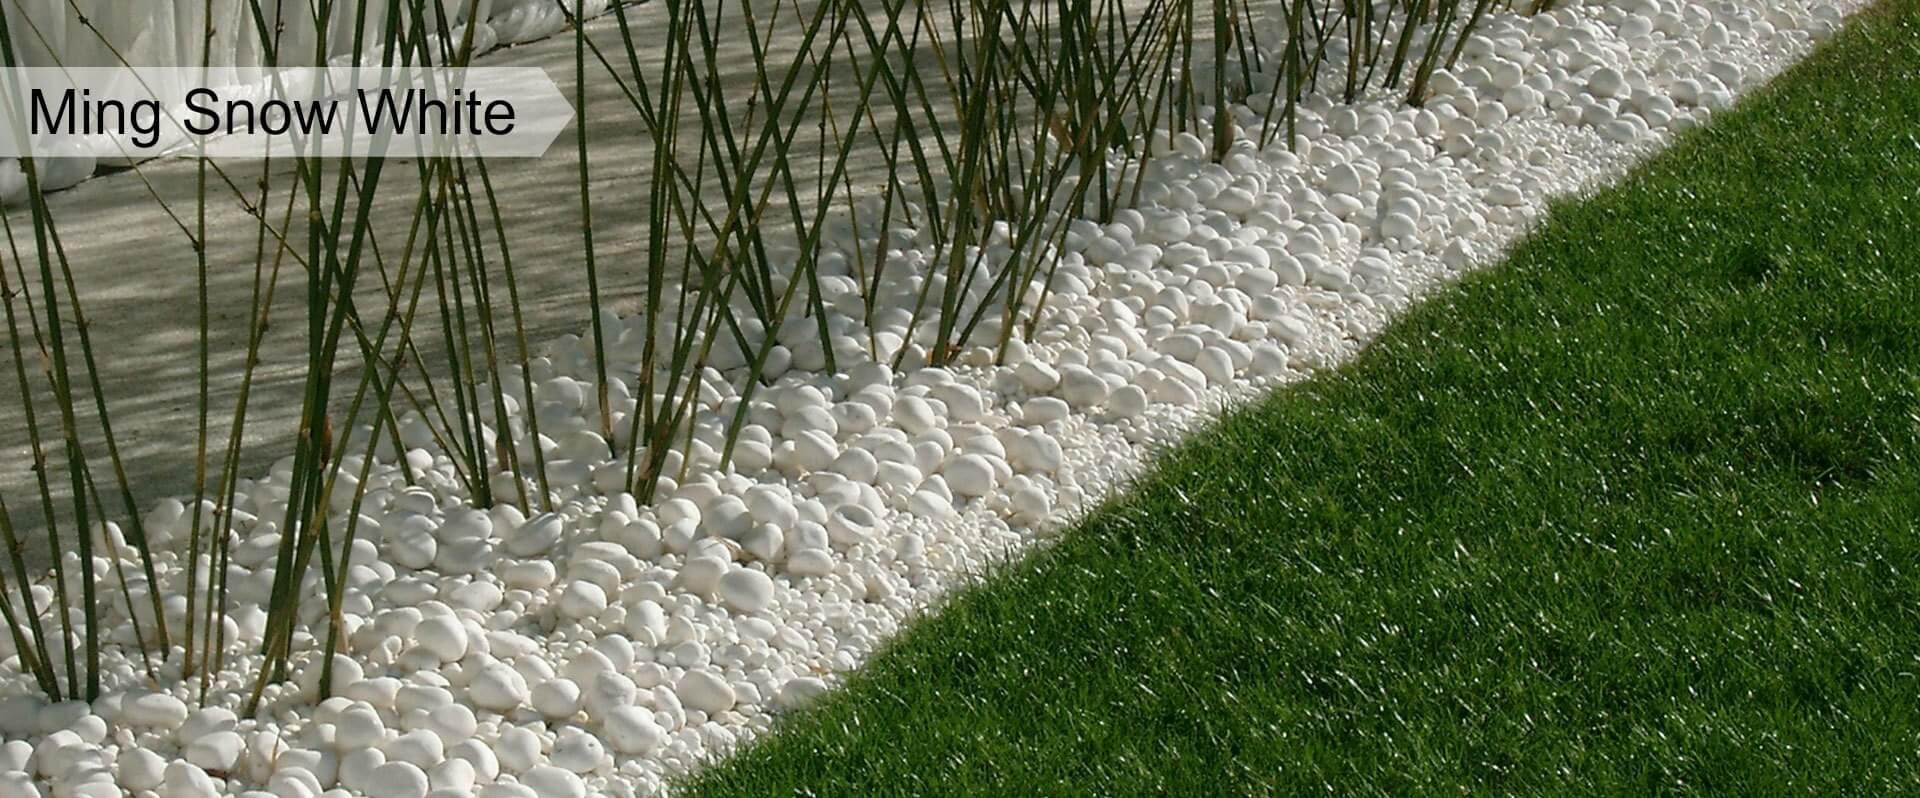 Australian natural stones garden pebbles for sale decor for White garden rocks for sale